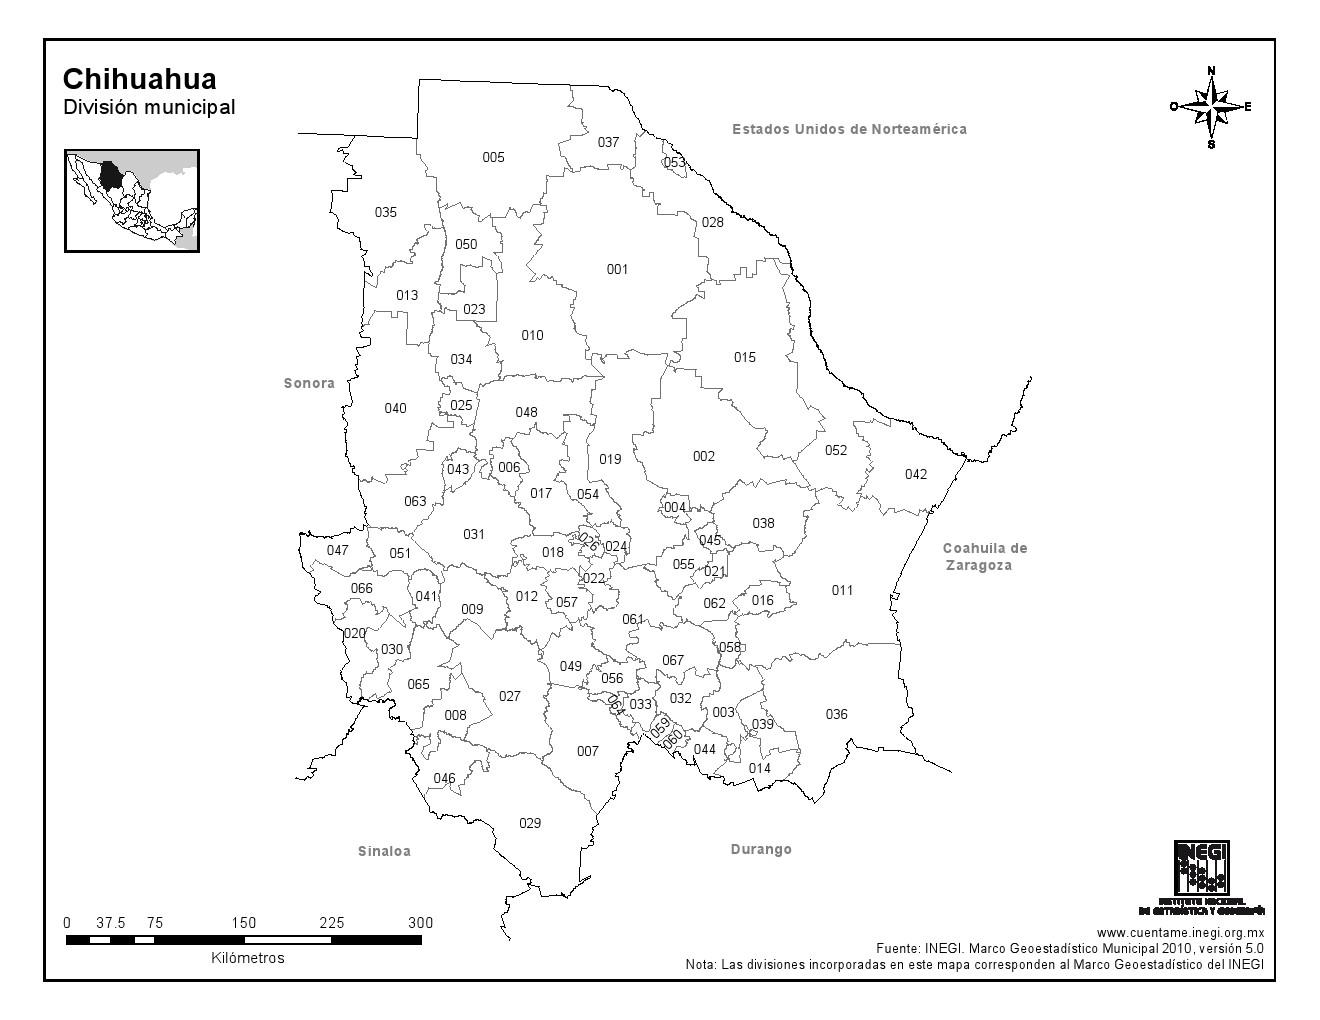 Mapa de municipios de Chihuahua. INEGI de México